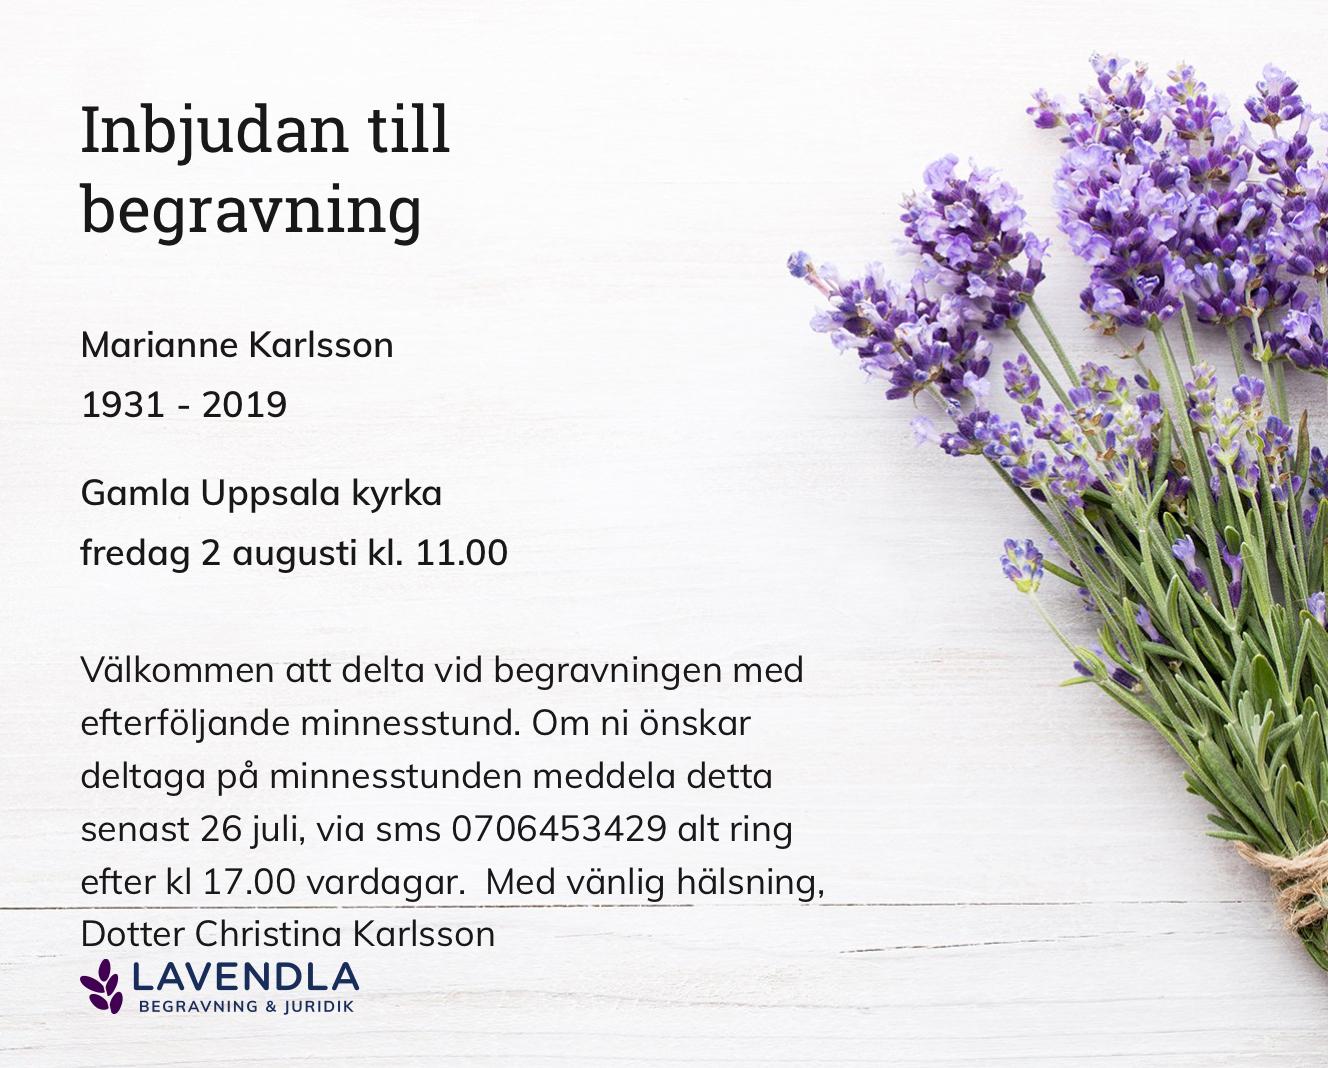 Inbjudningskort till ceremonin för Marianne Karlsson